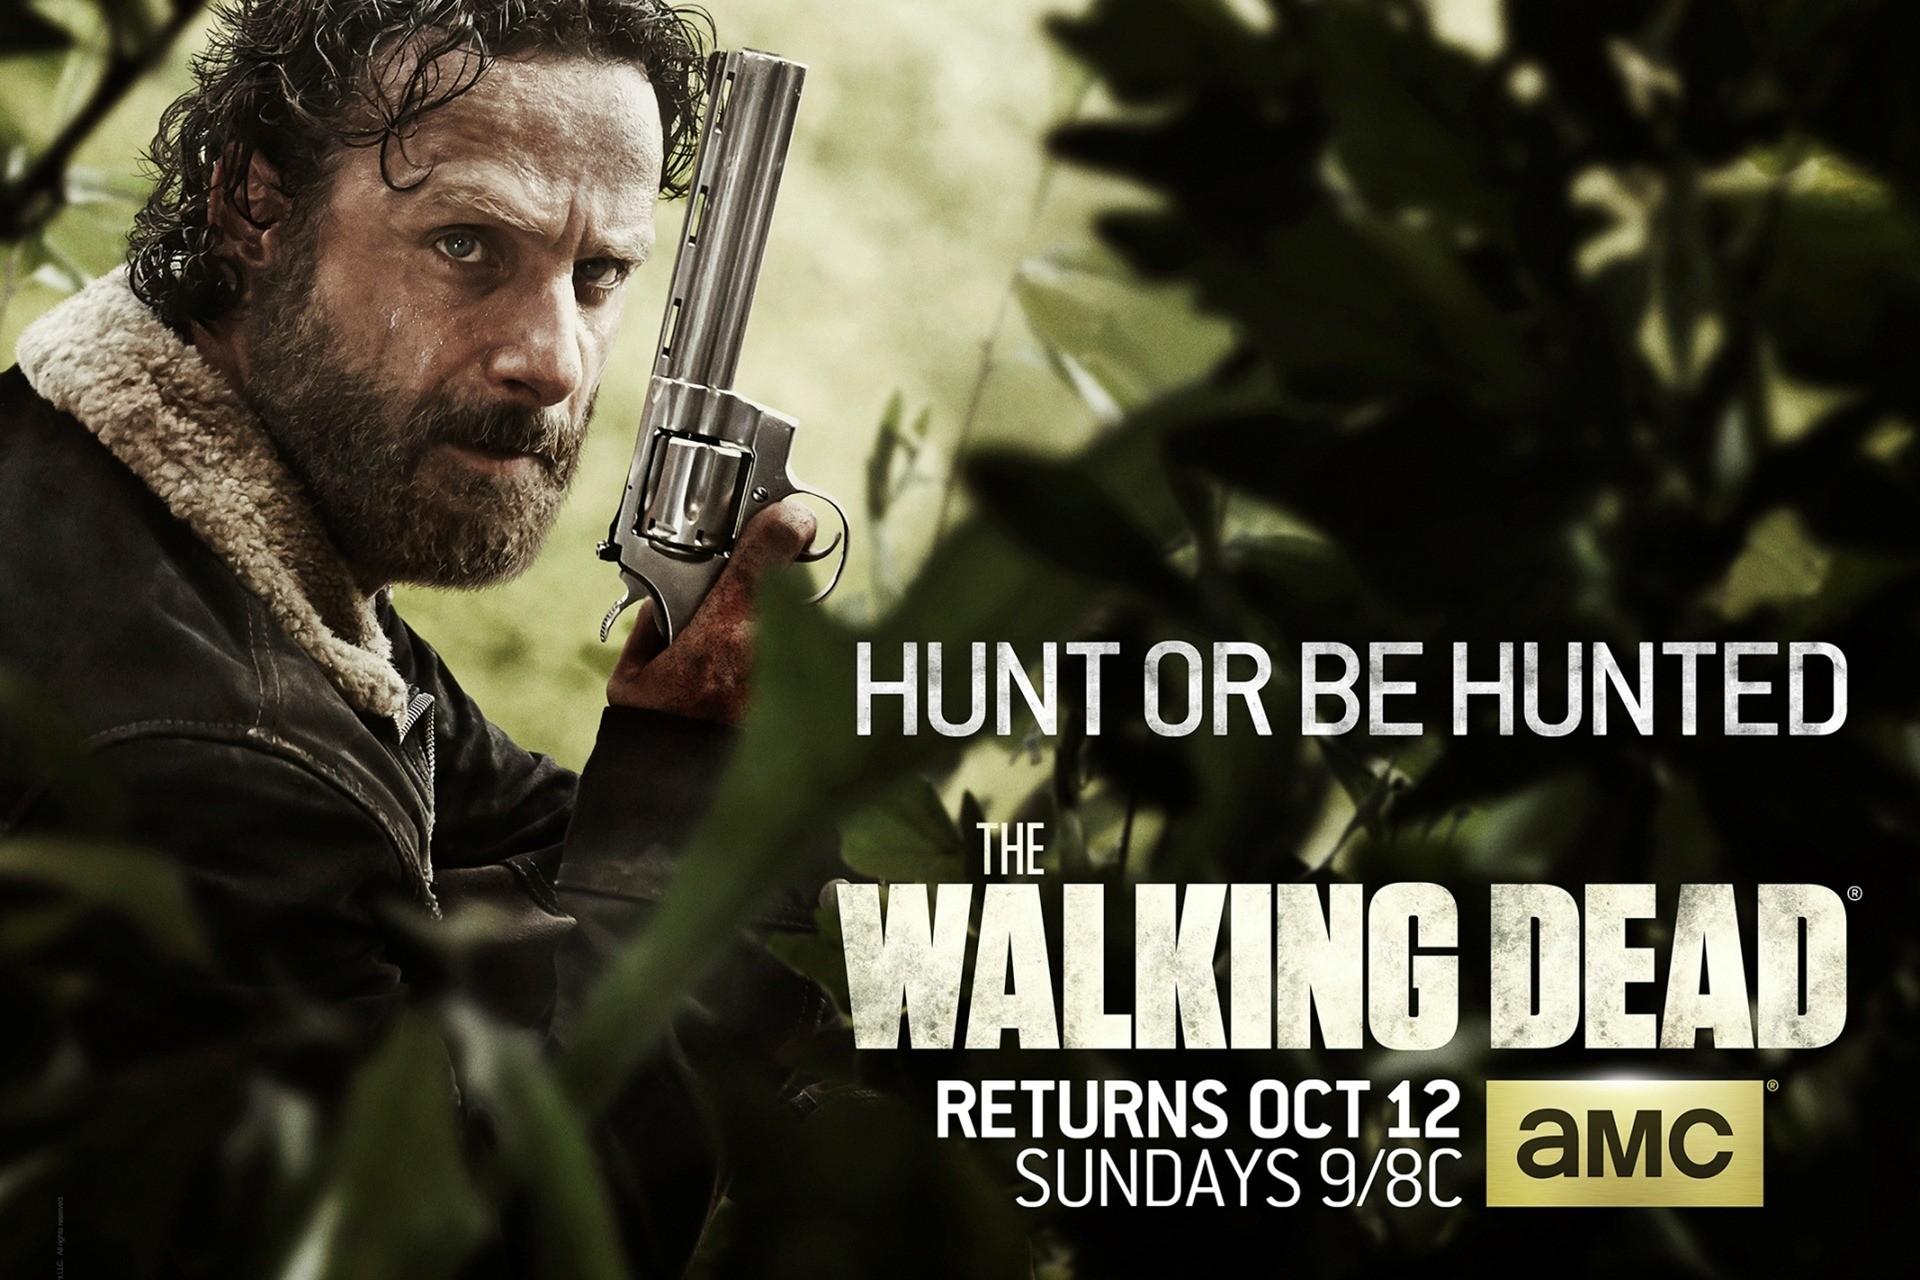 The Walking Dead Season 5 Wallpaper